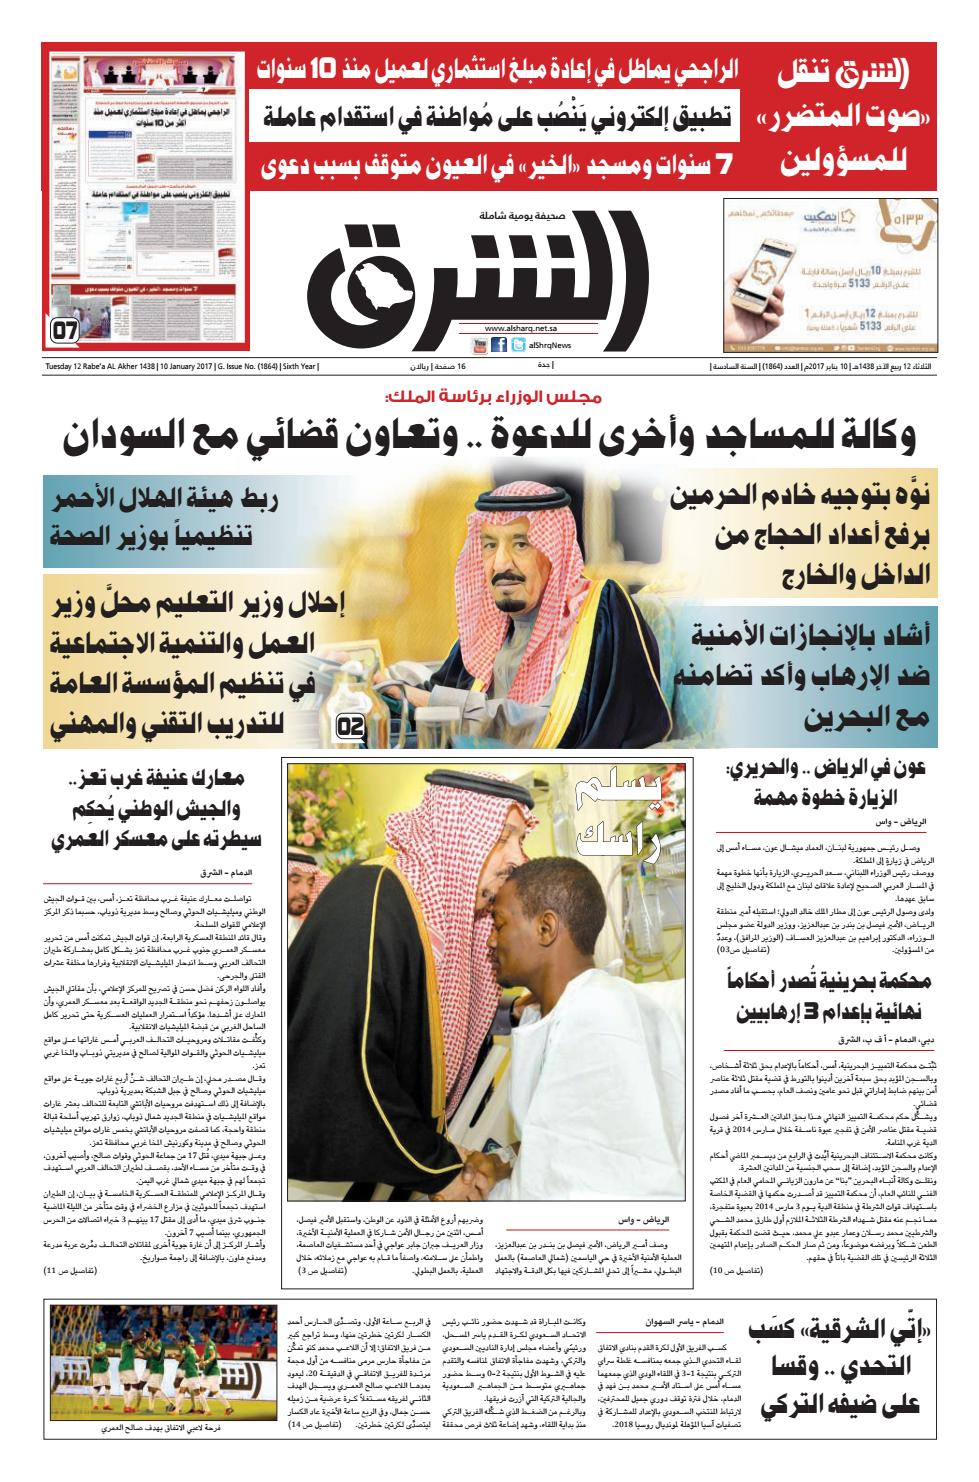 fe9f7a7dd صحيفة الشرق - العدد 1864 - نسخة جدة by صحيفة الشرق السعودية - issuu